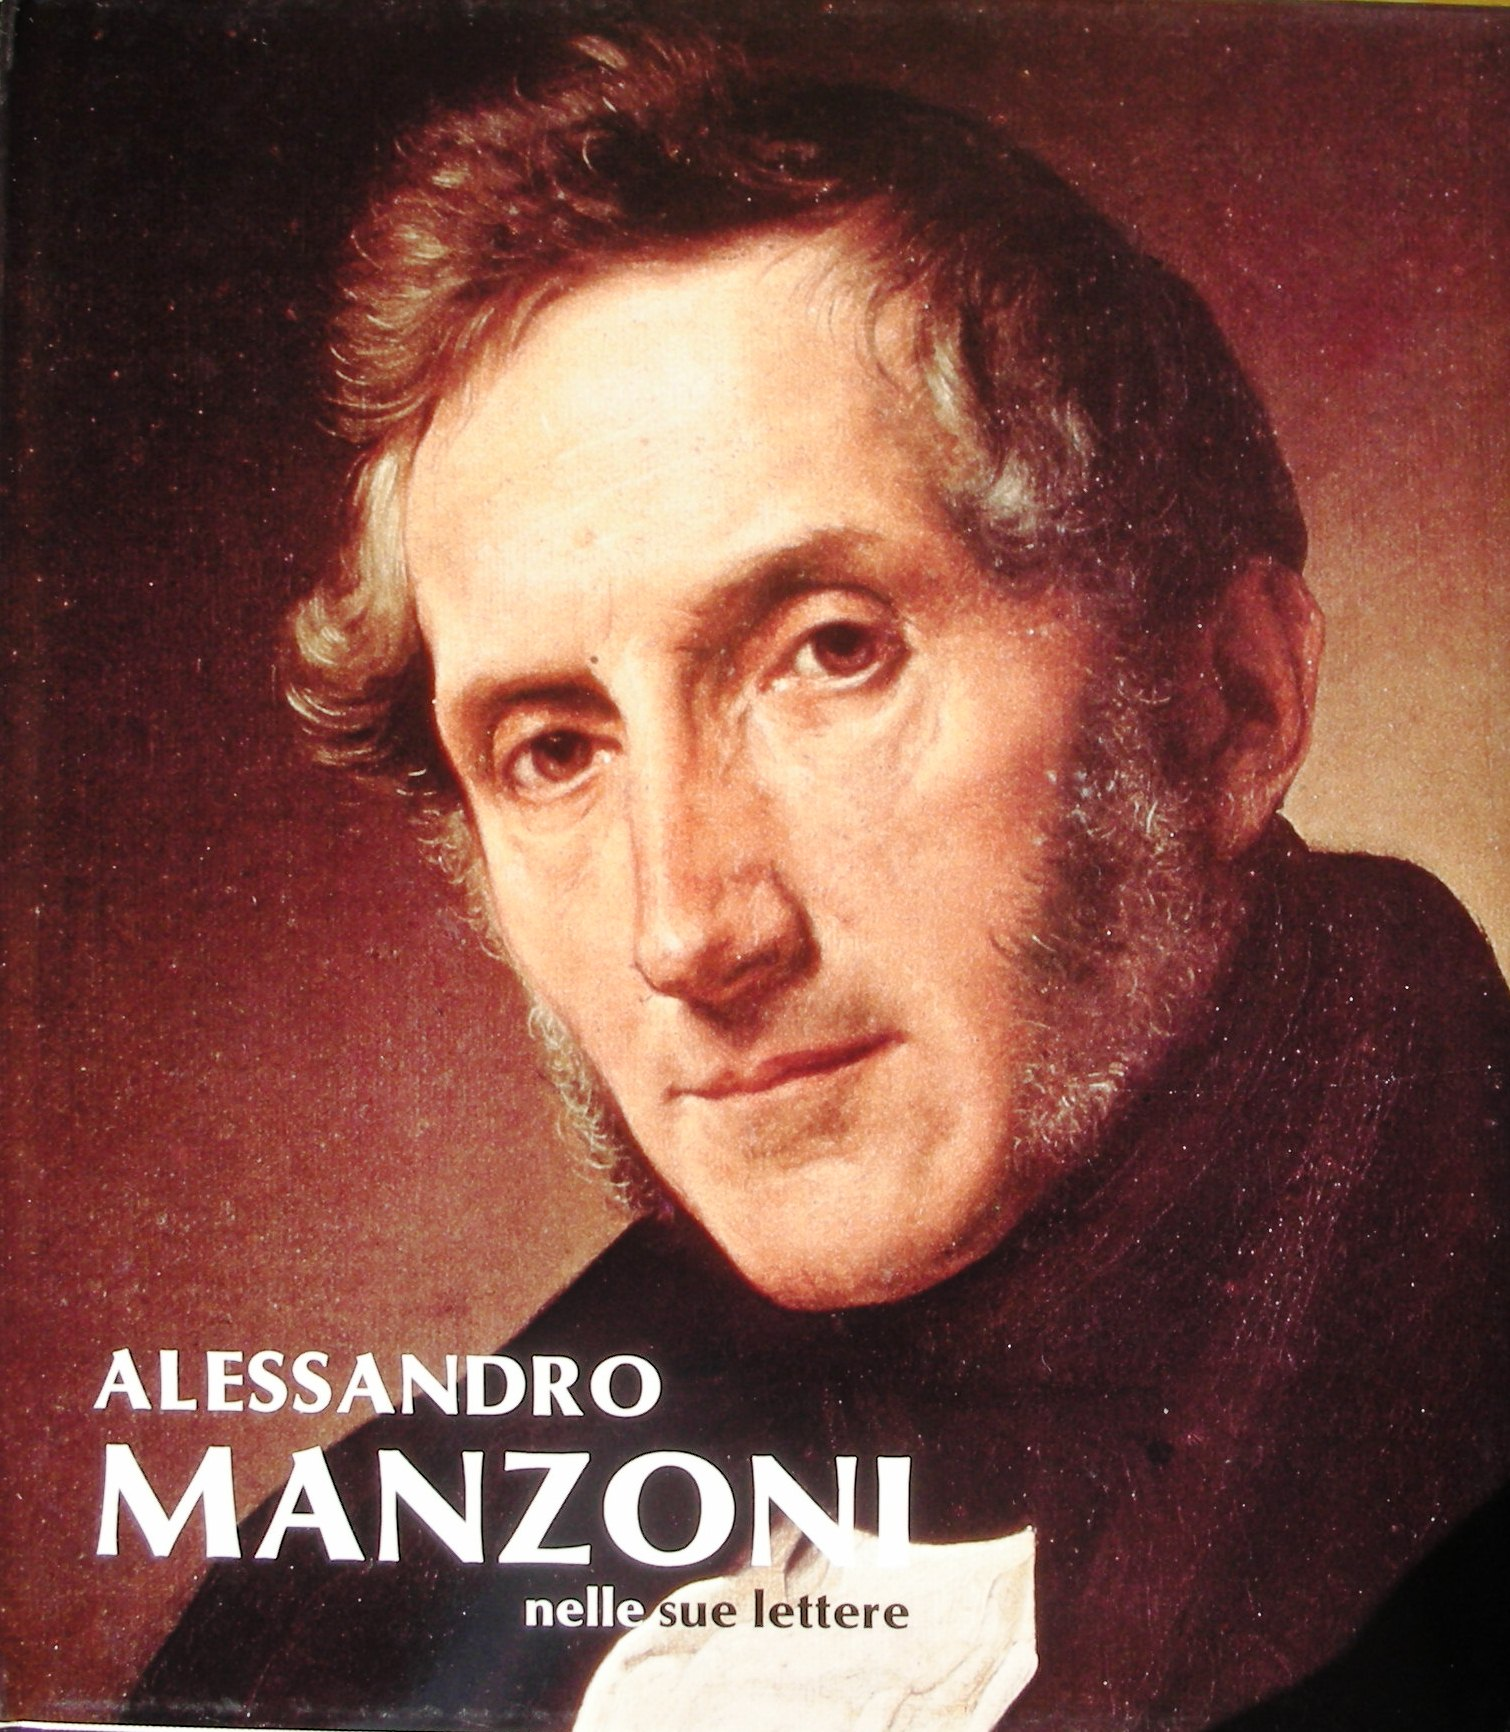 Alessandro Manzoni nelle sue lettere